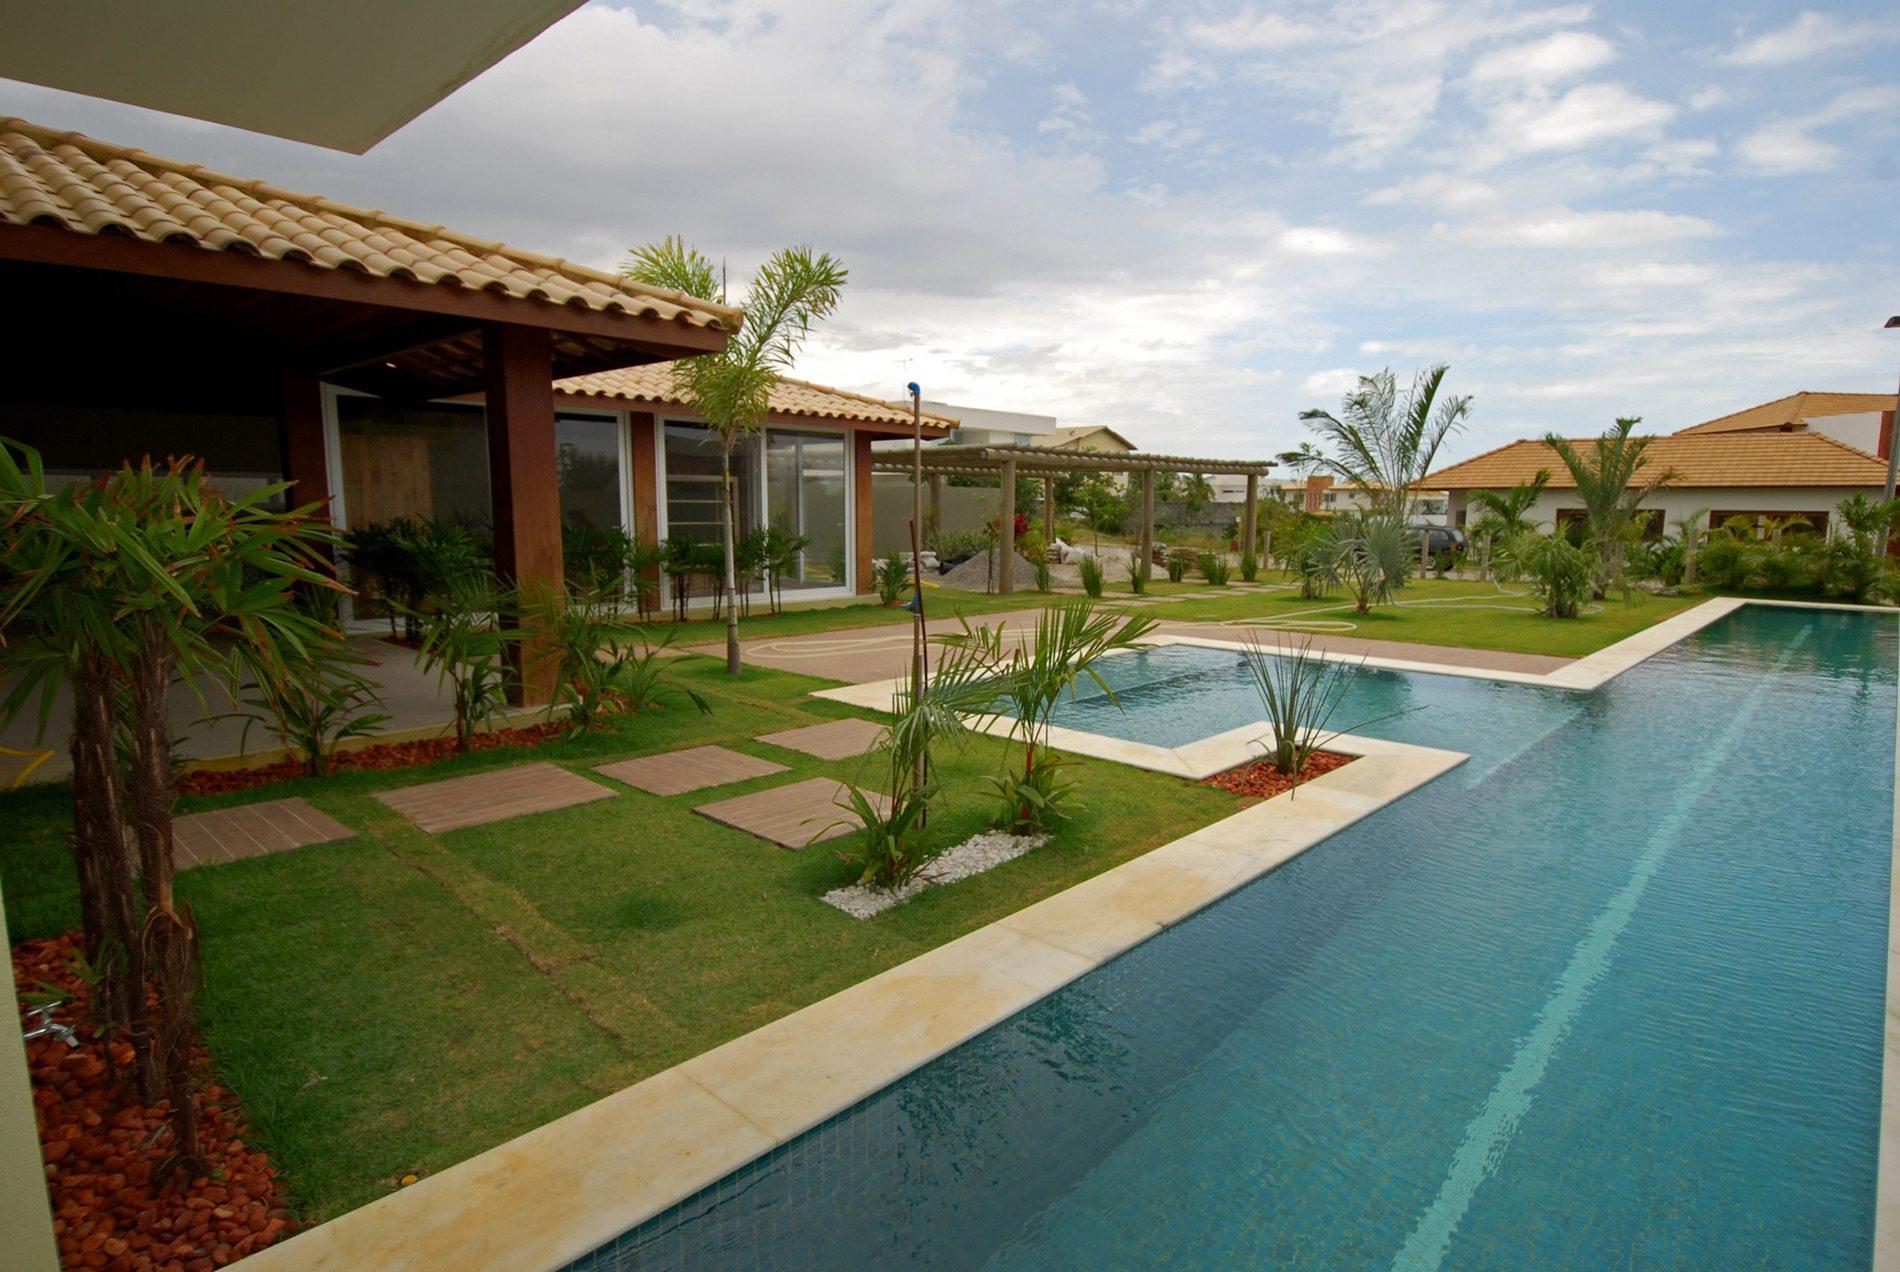 Casa com piscina a venda em busca vida hansen im veis for Casa con piscina urdaibai